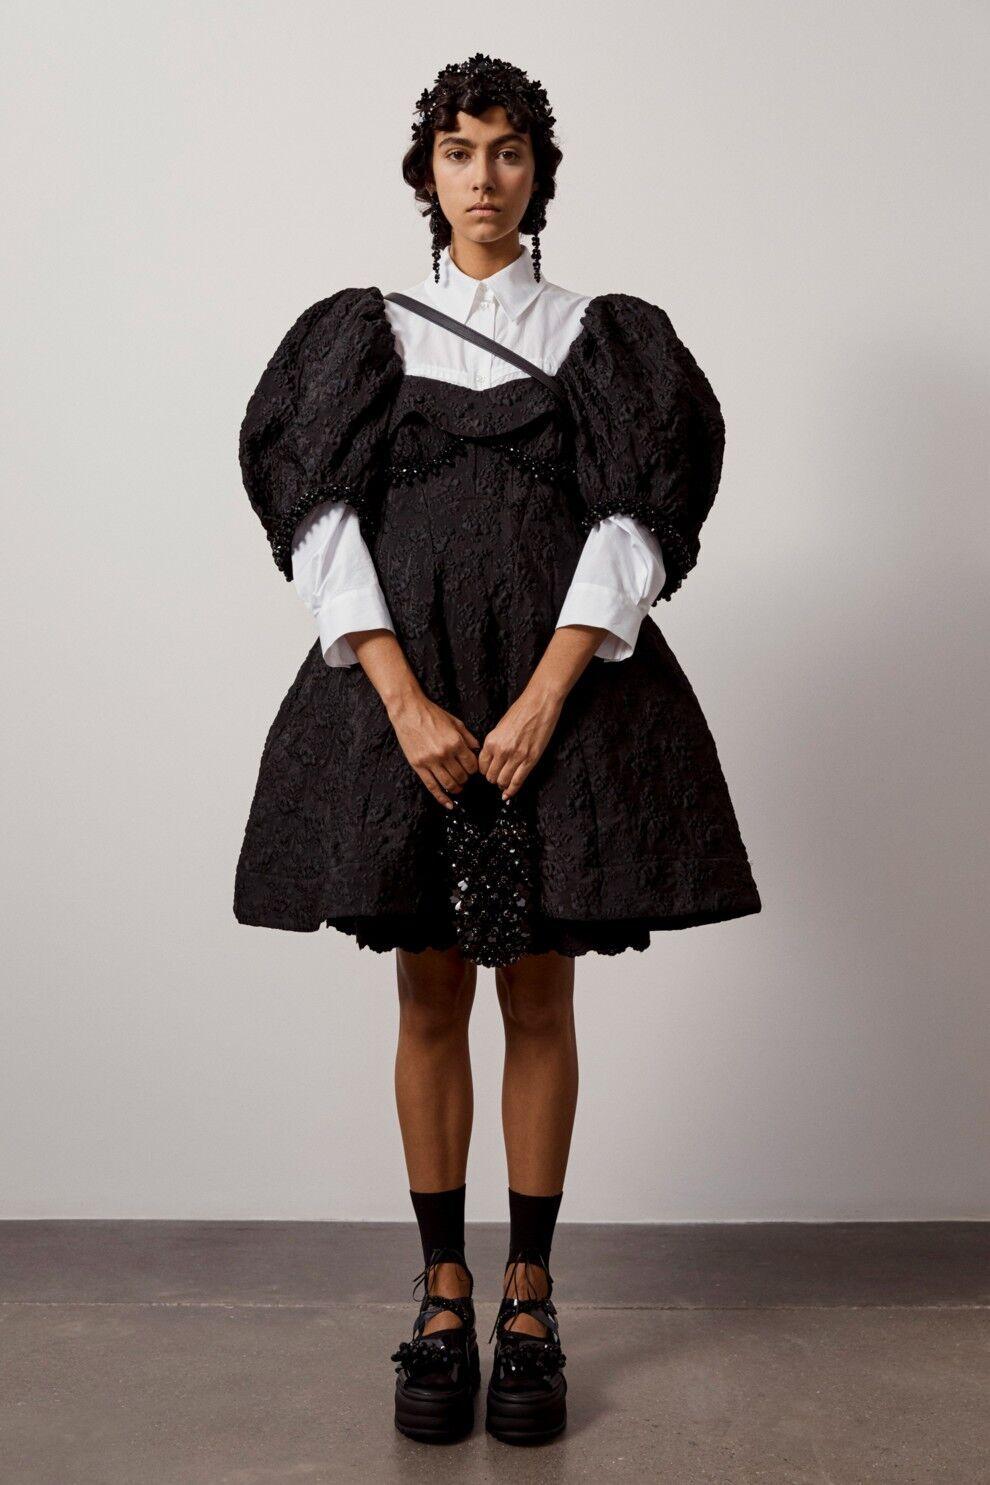 Кукольные платья можно сочетать с грубыми армейскими ботинками